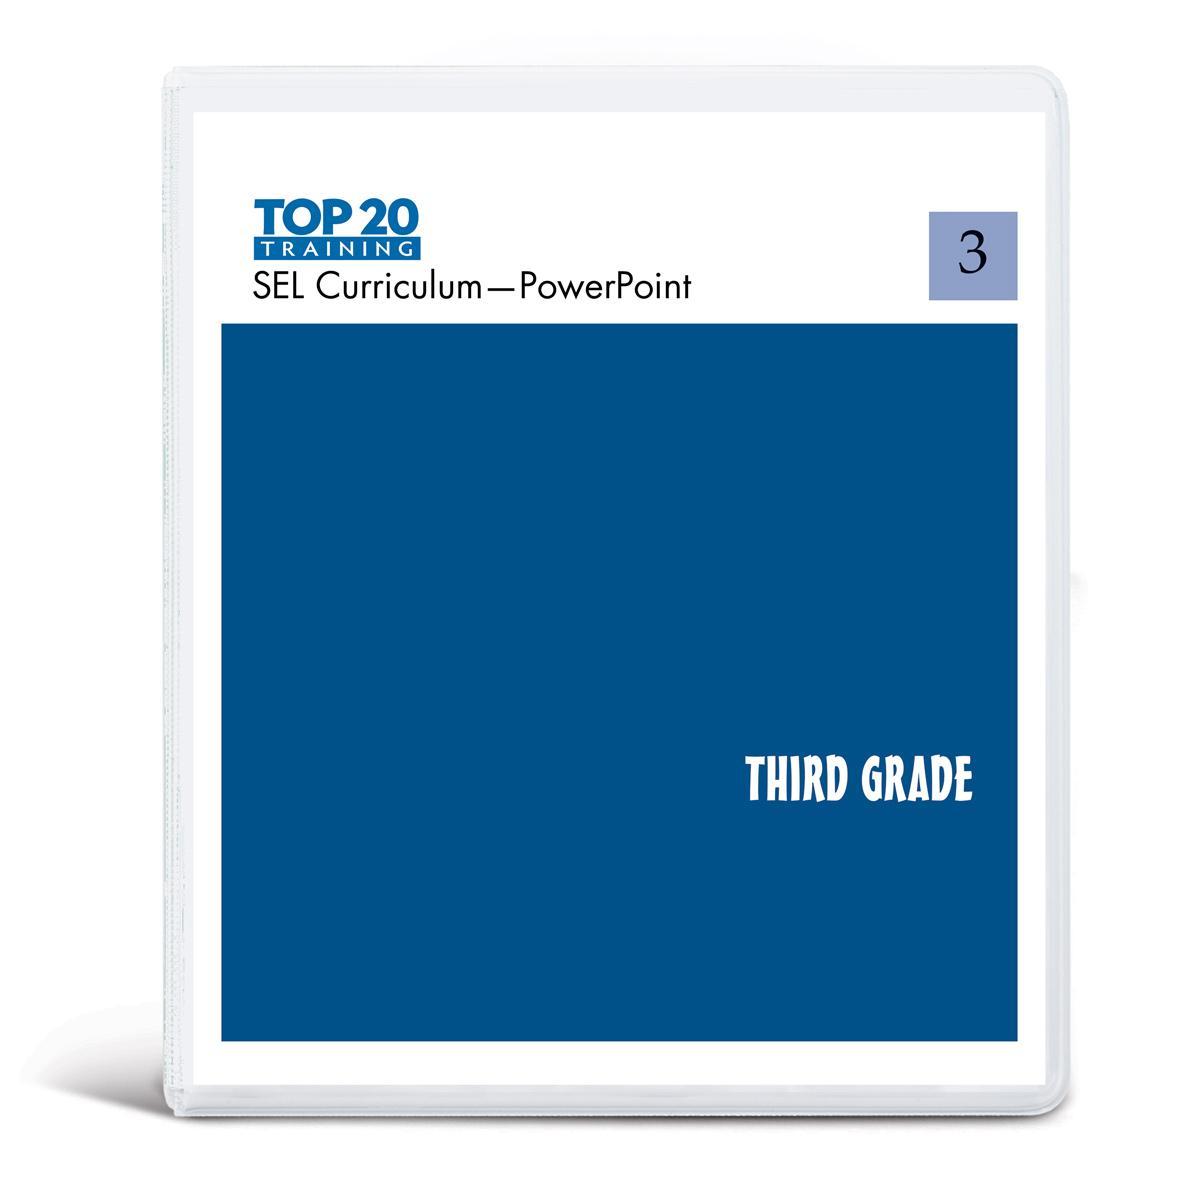 Top 20 teachers PowerPoint curriculum for third grade